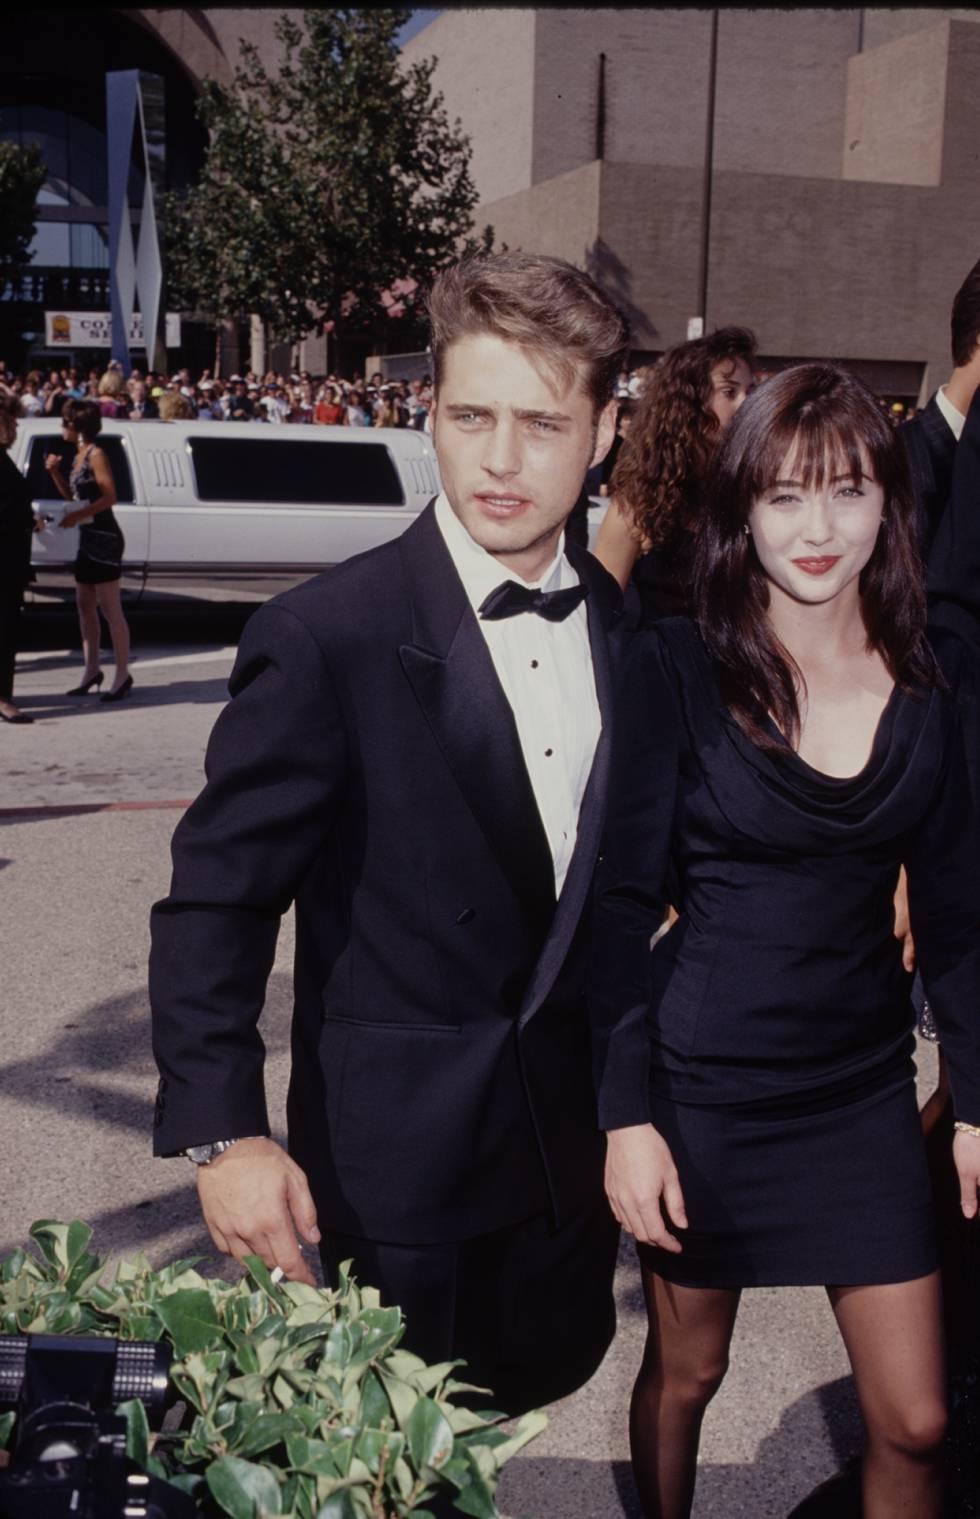 Jason Priestley y Shannen Doherty, los hermanos protagonistas de la serie, se convirtieron en estrellas mundiales a principios de los años noventa.